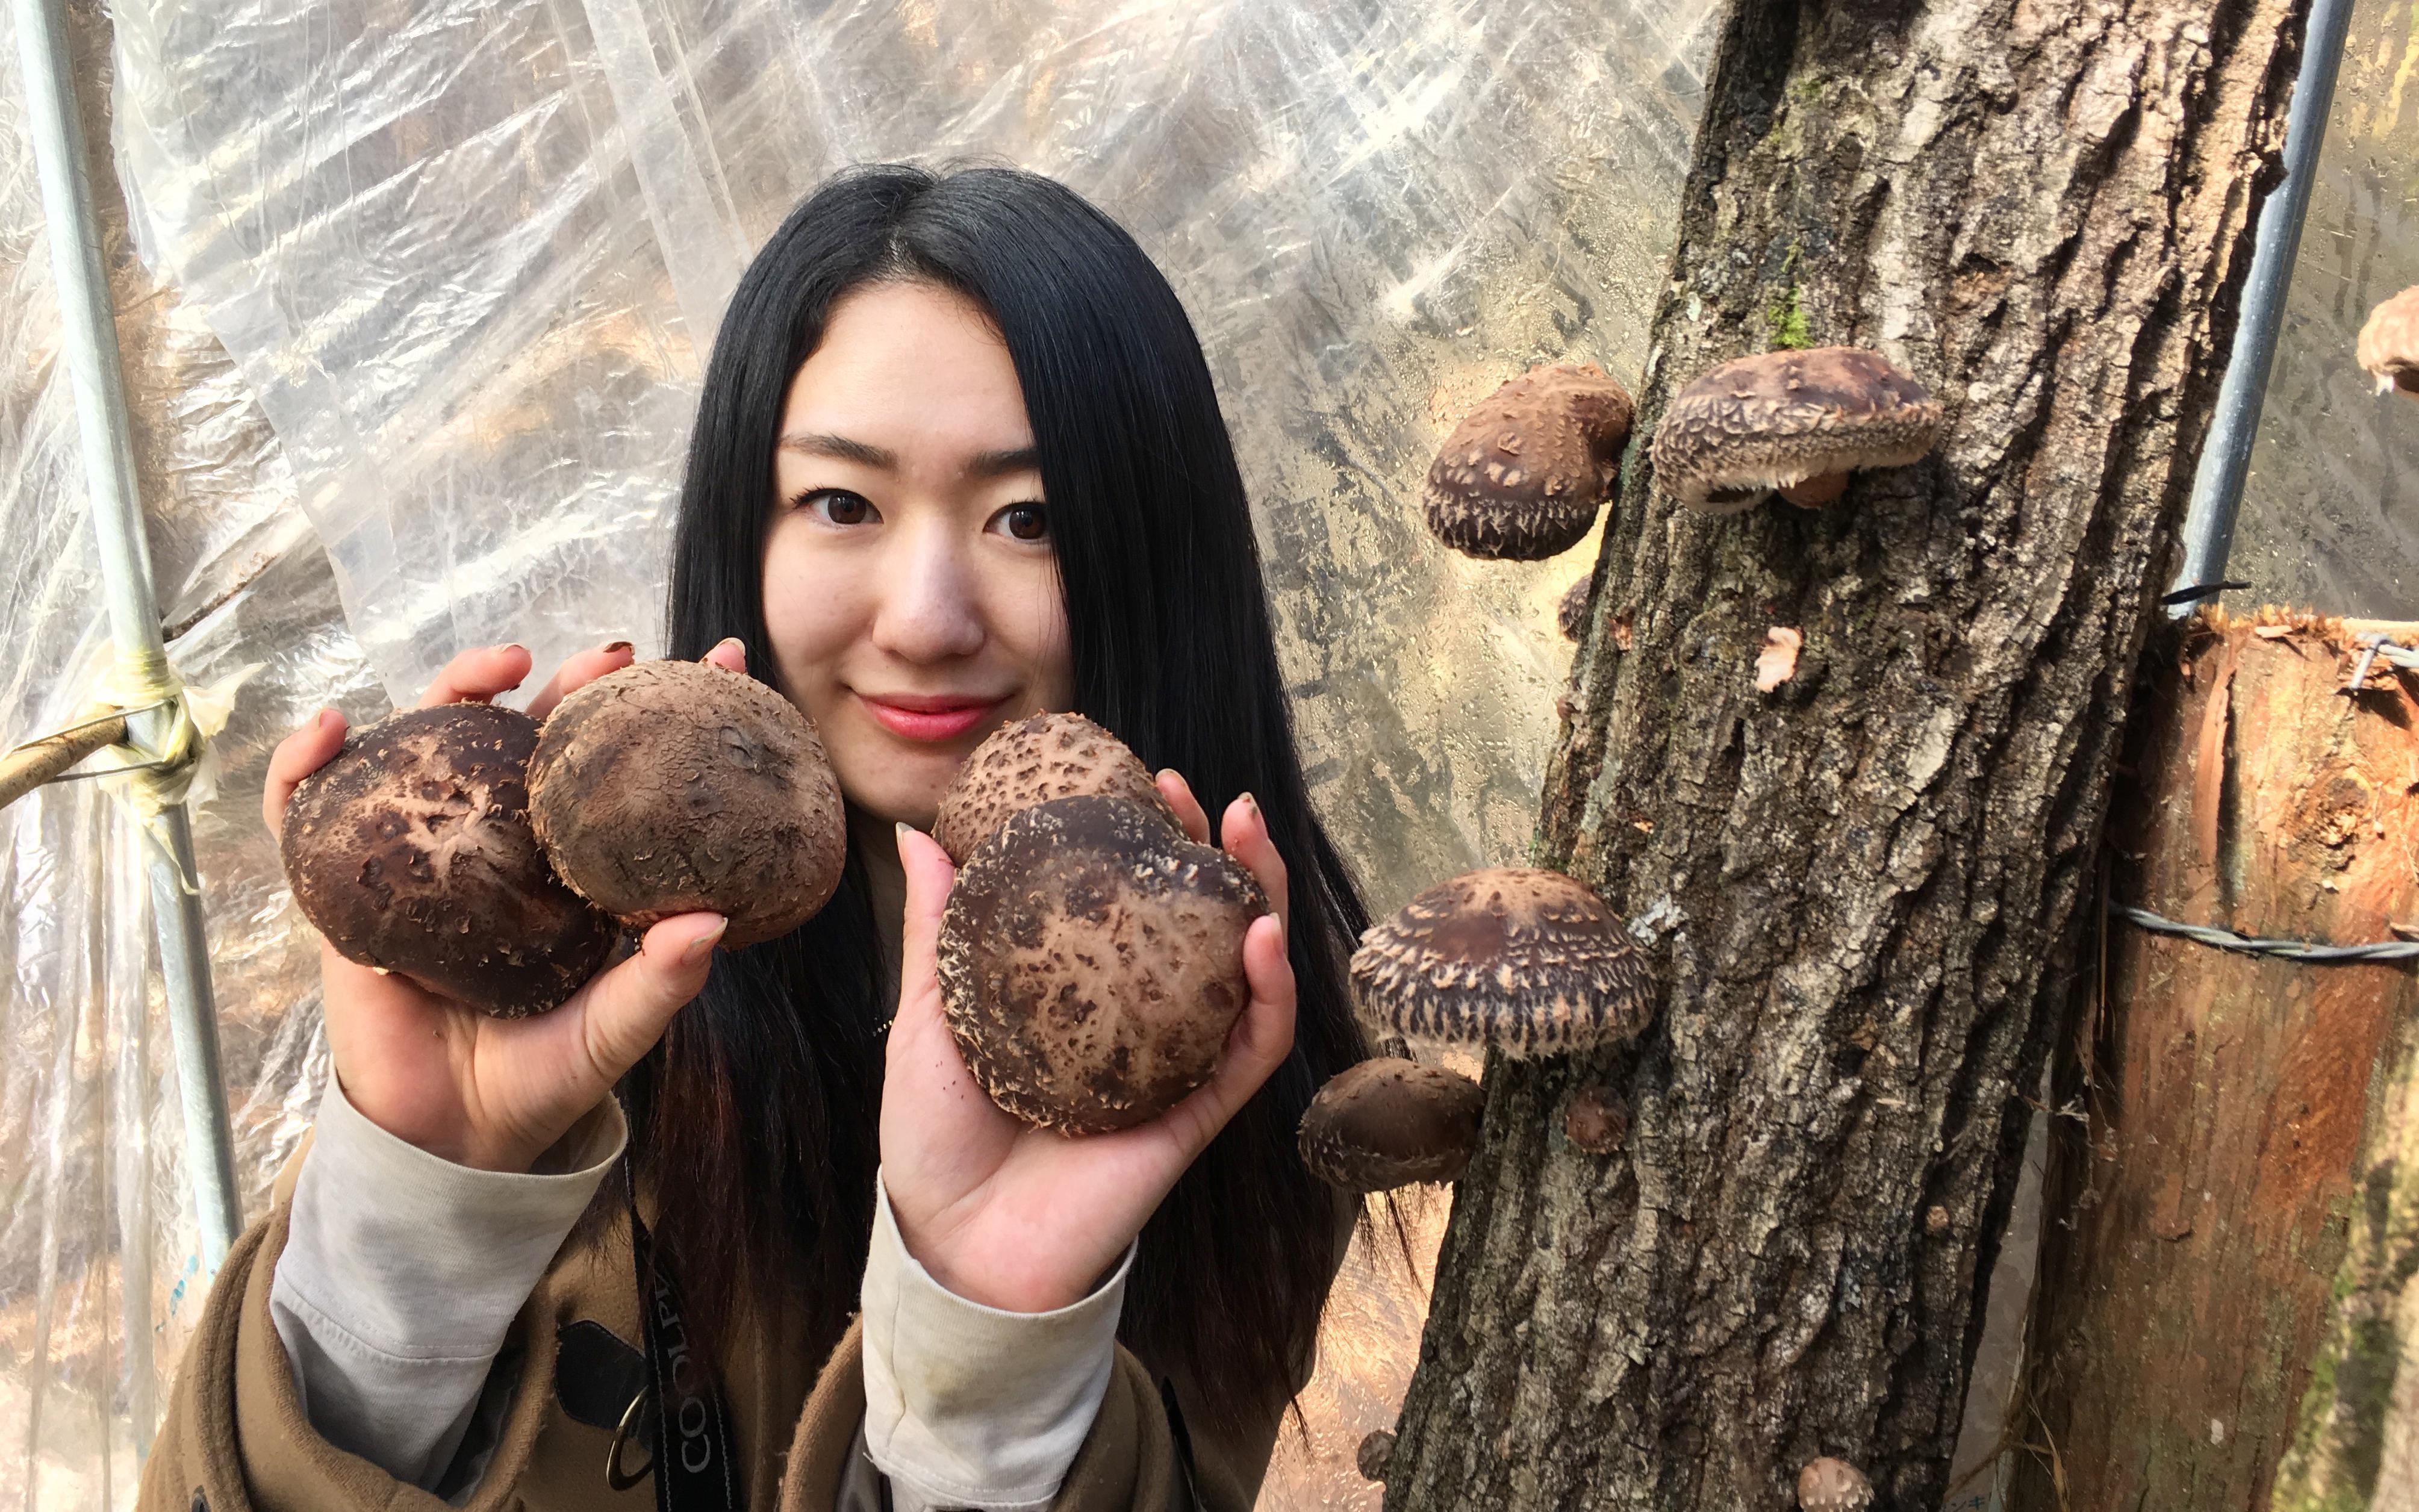 もう隠れ里なんて言わせない!多良木の魅力を全国に広めるプロジェクトを立ち上げます!